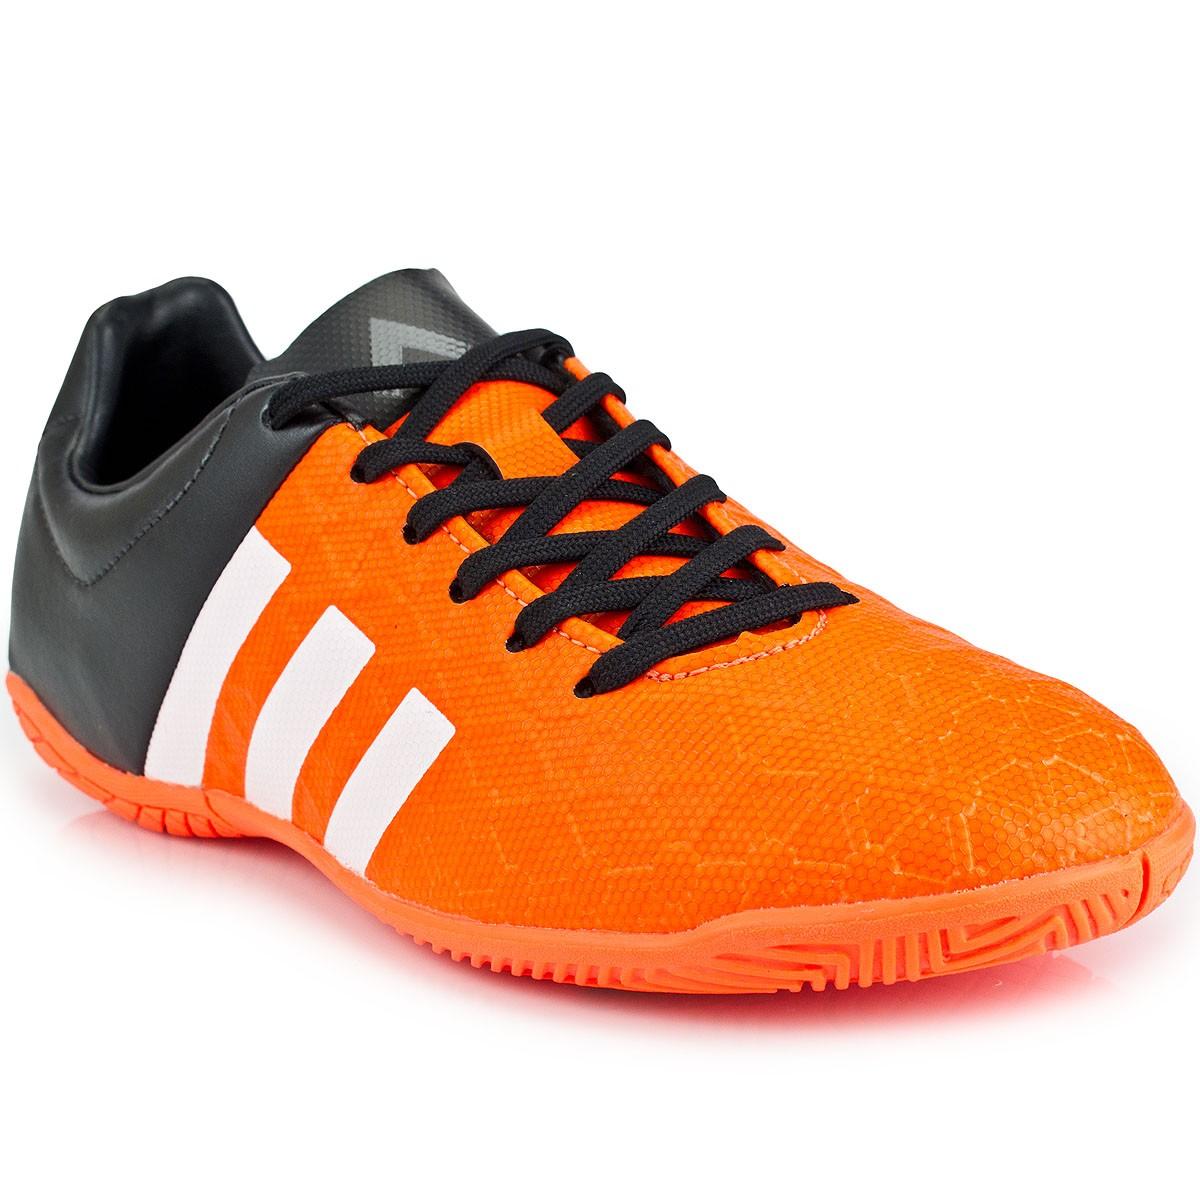 c898685be9 Chuteira Adidas Ace 15.4 IN Jr